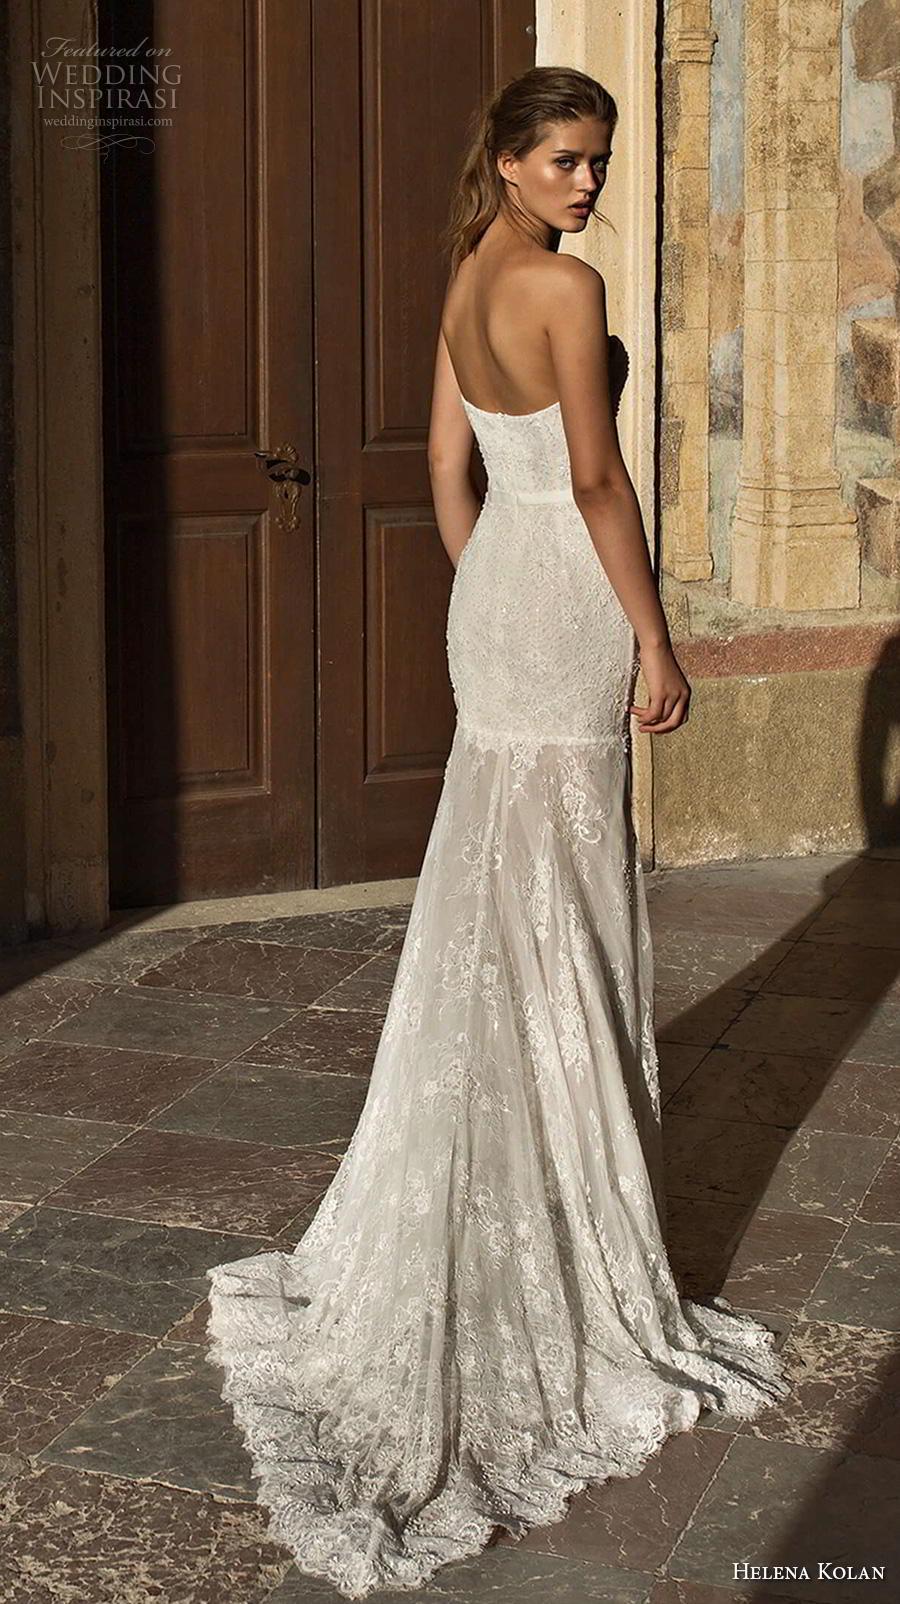 helena kolan 2019 bridal strapless sweetheart neckline full embellishment slit skirt elegant trumpet fit and flare wedding dress sweep train (3) bv